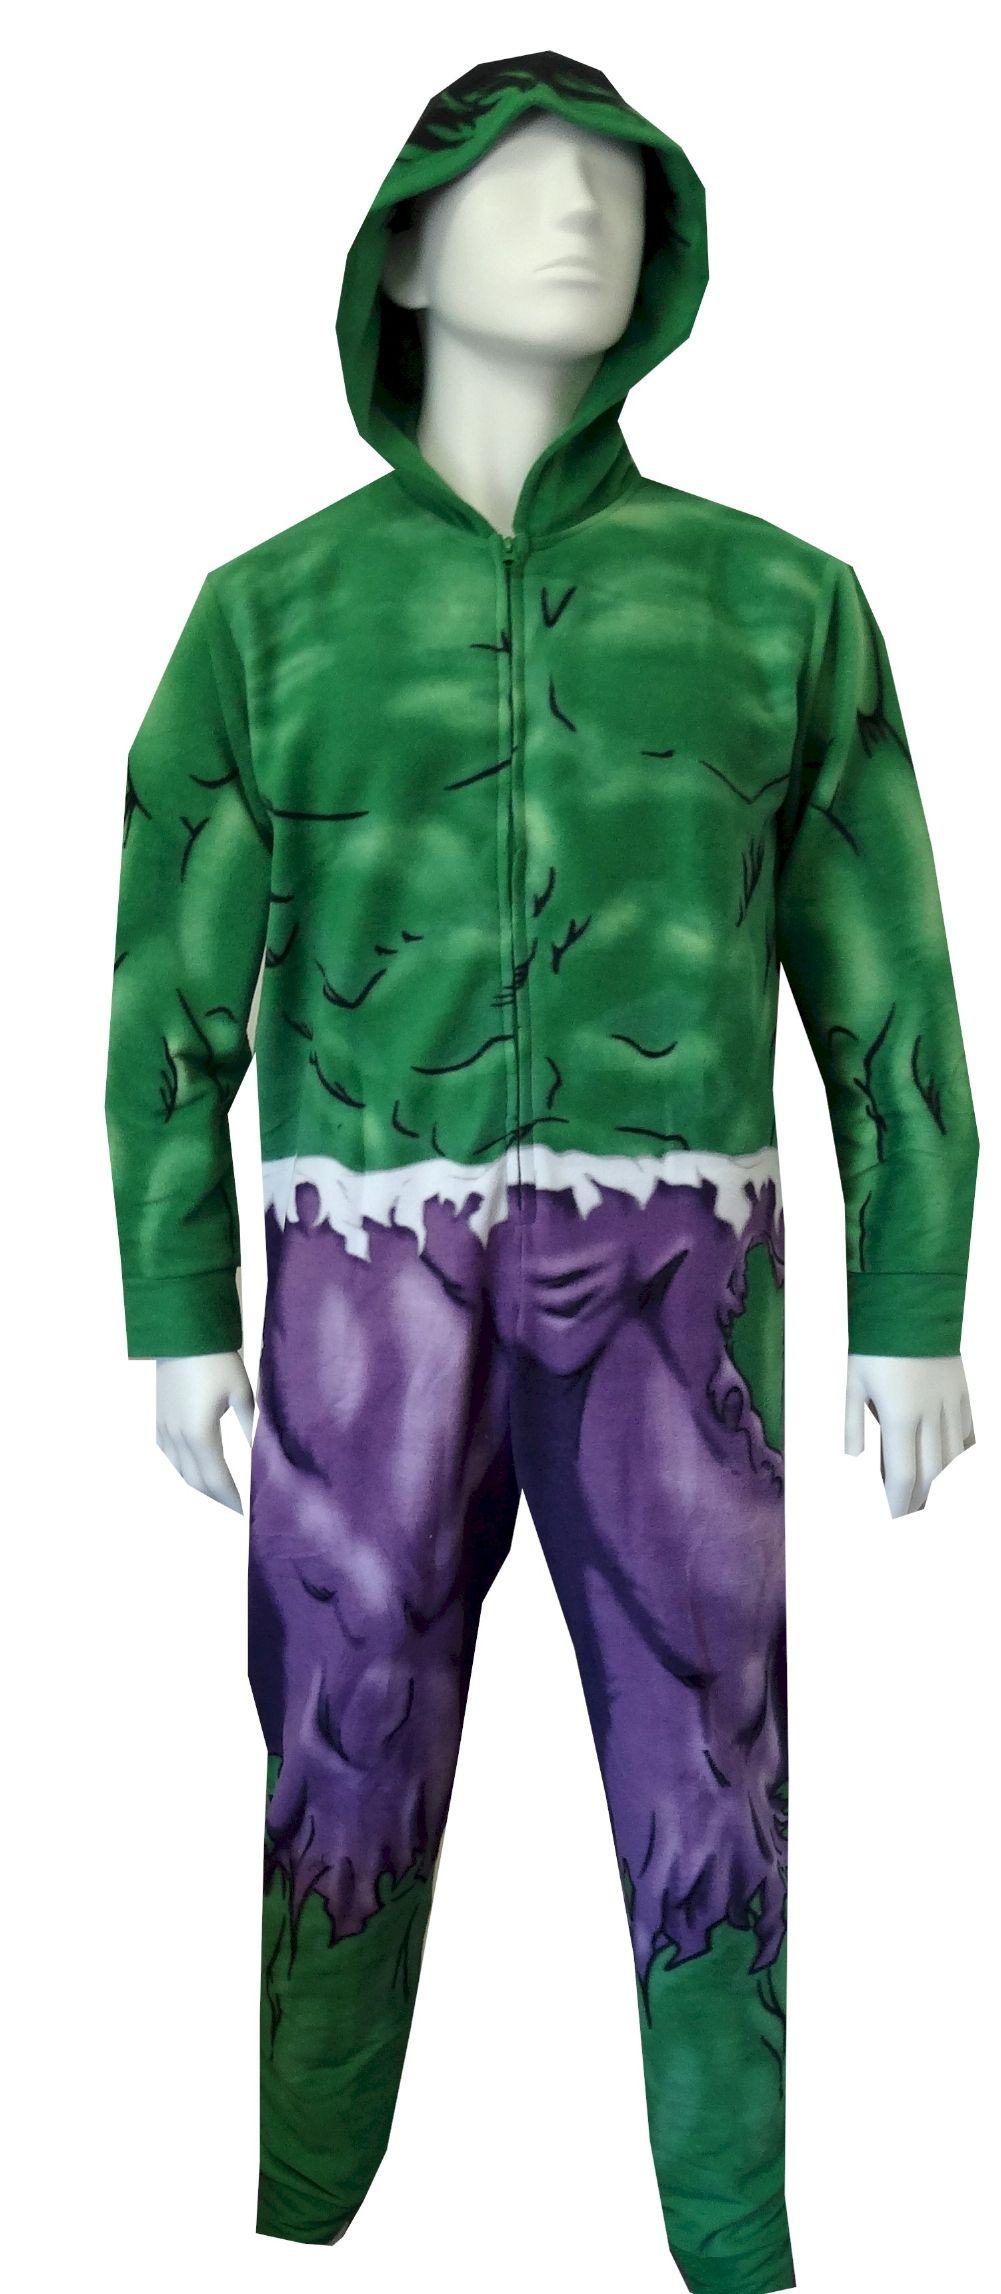 48baacf8a WebUndies.com The Incredible Hulk Hooded Fleece Onesie Pajama ...